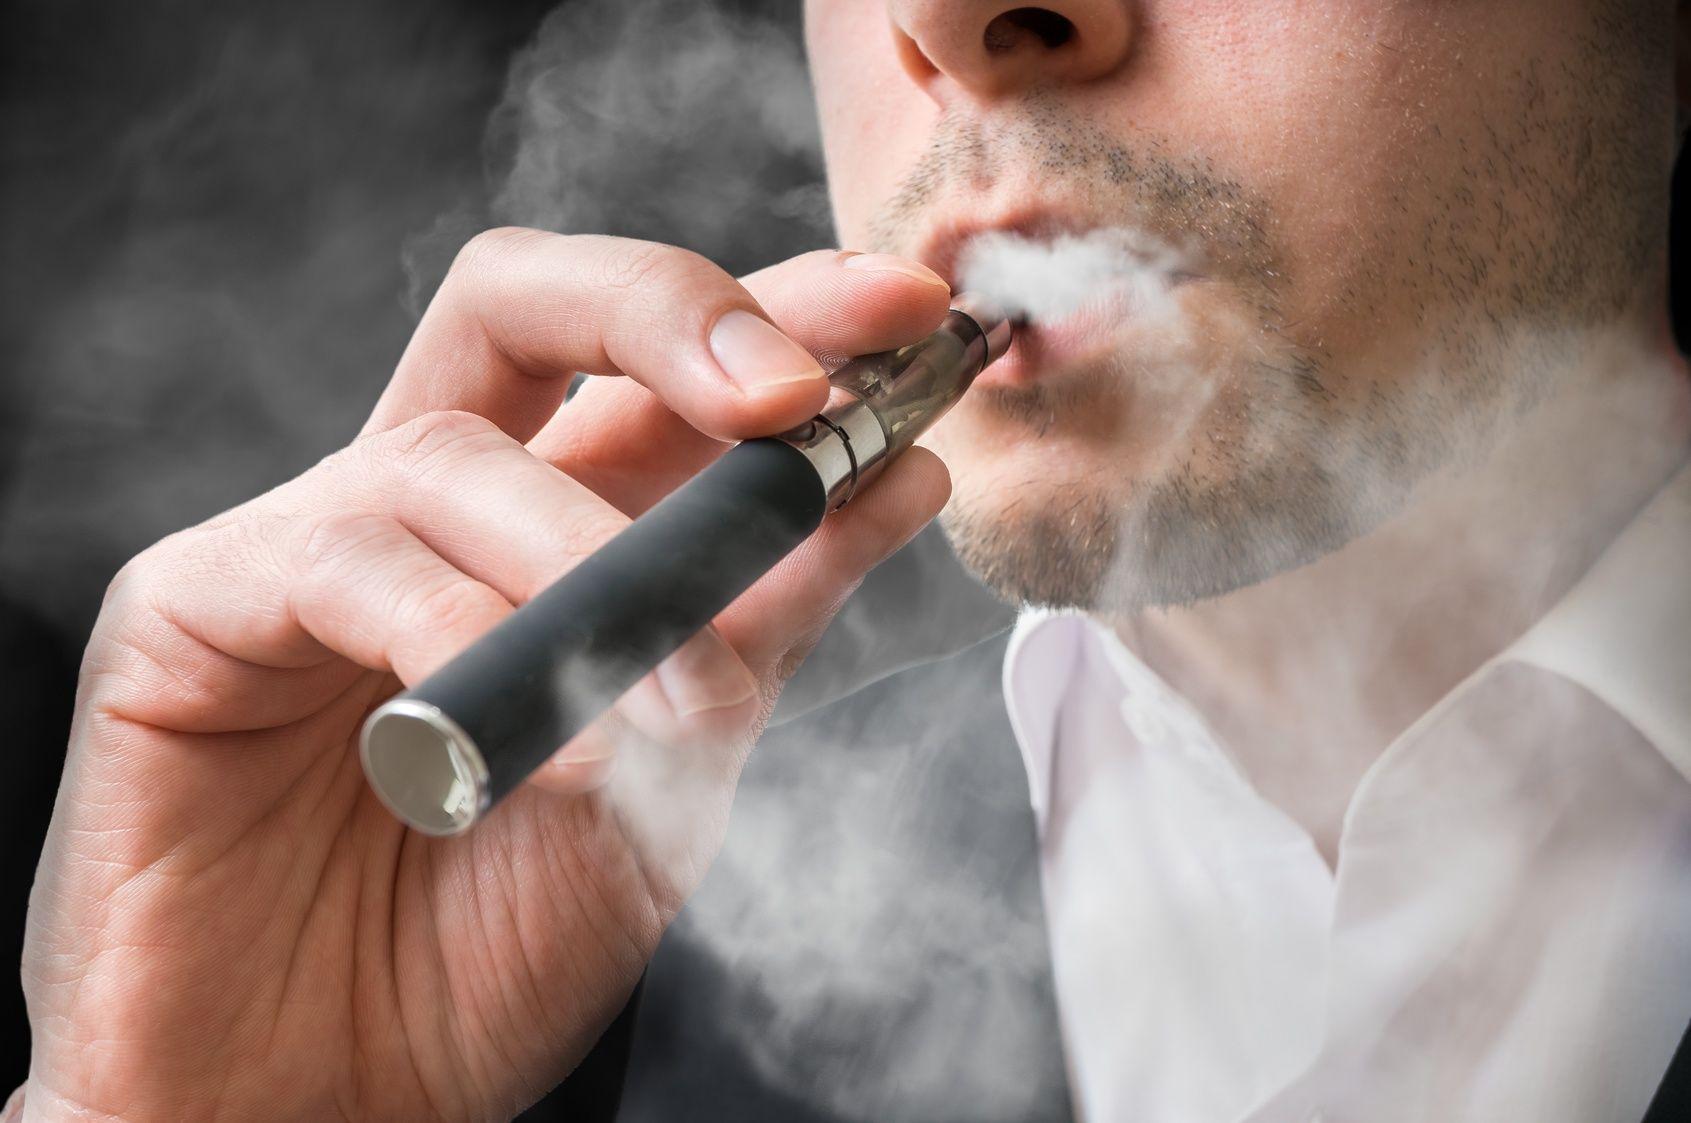 Eliquide français : quels sont les composants des e-liquides pour les cigarettes électroniques ?